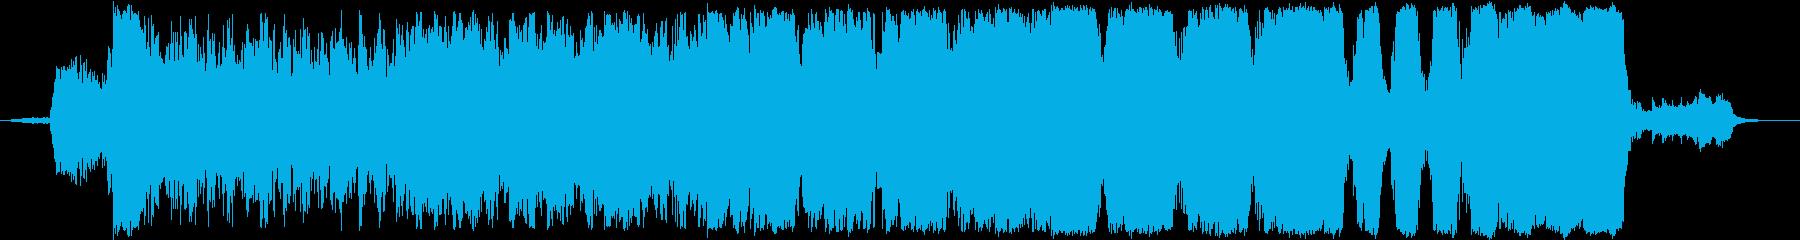 映画の予告編のような壮大でパワフルな楽曲の再生済みの波形